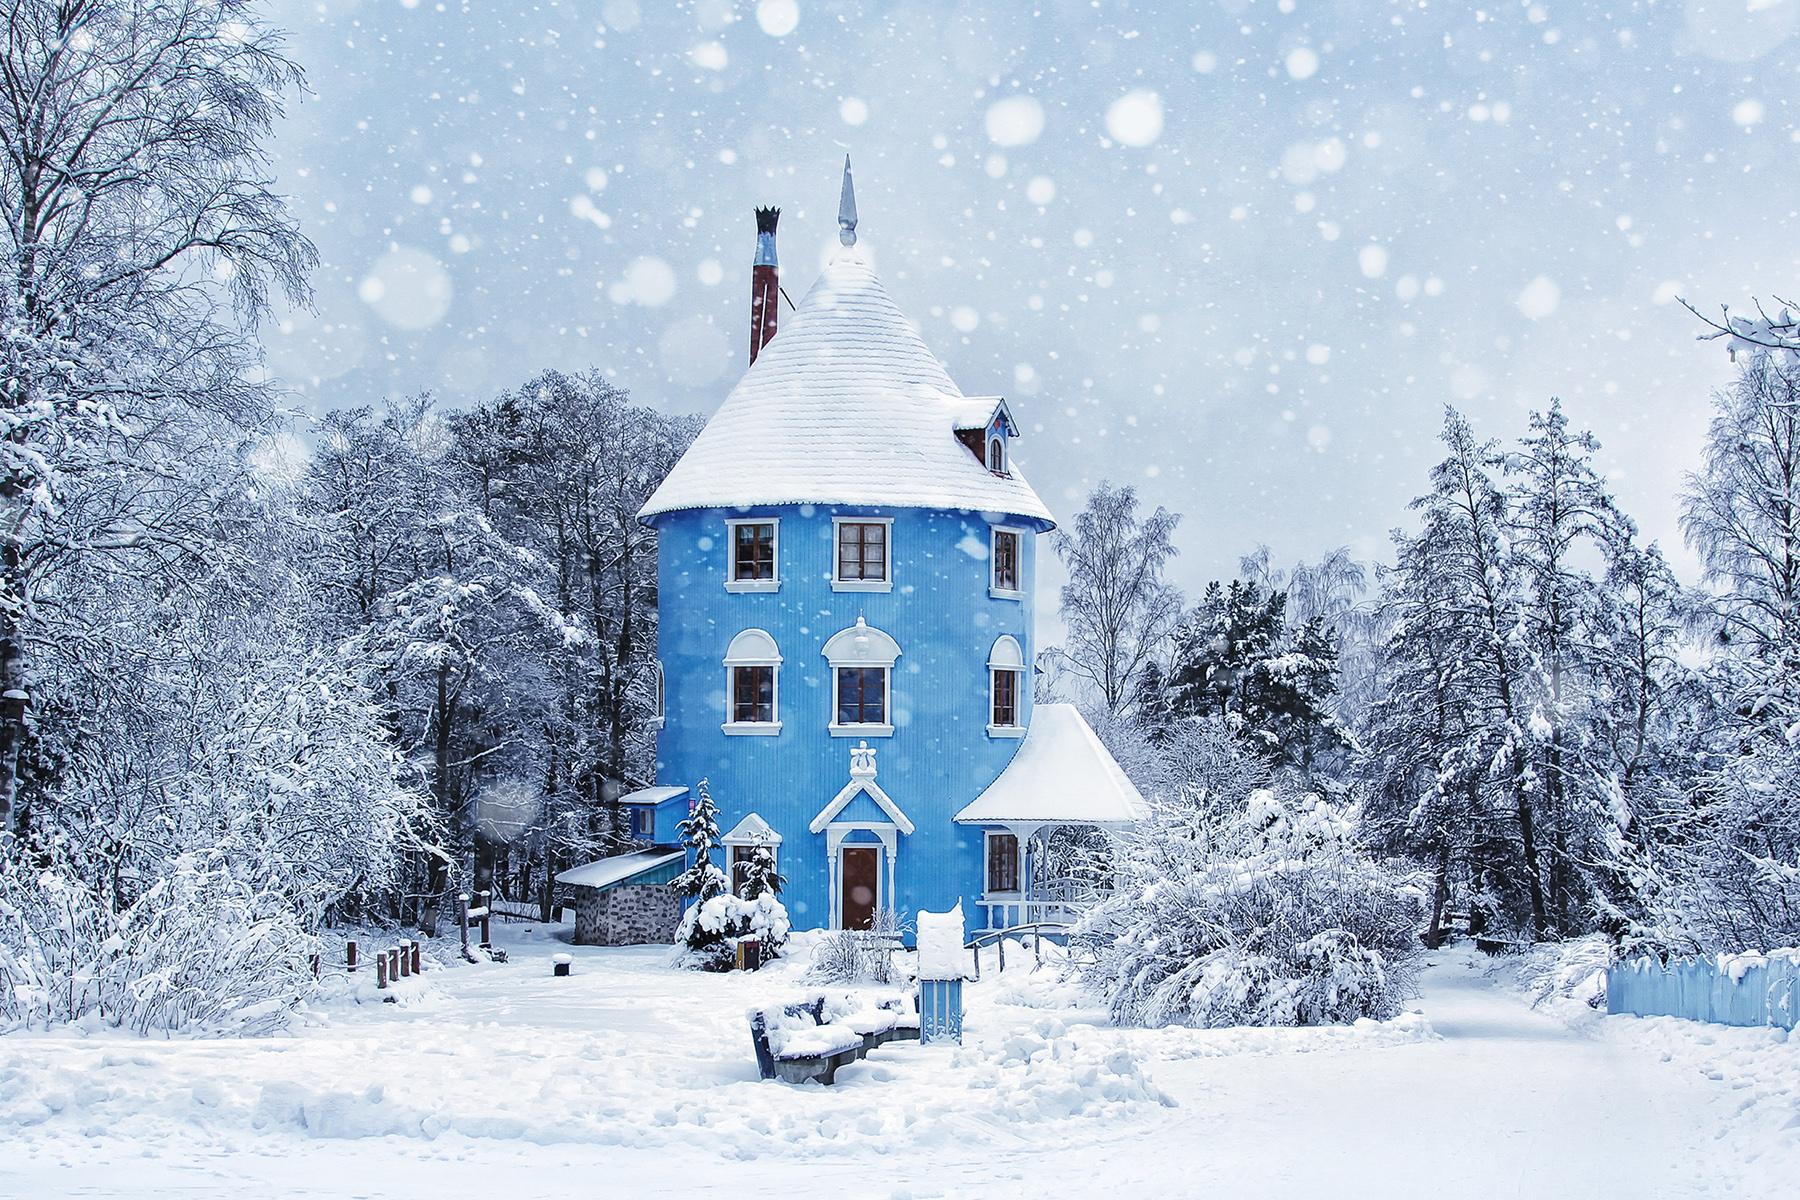 Winterwonderland Rovaniemi